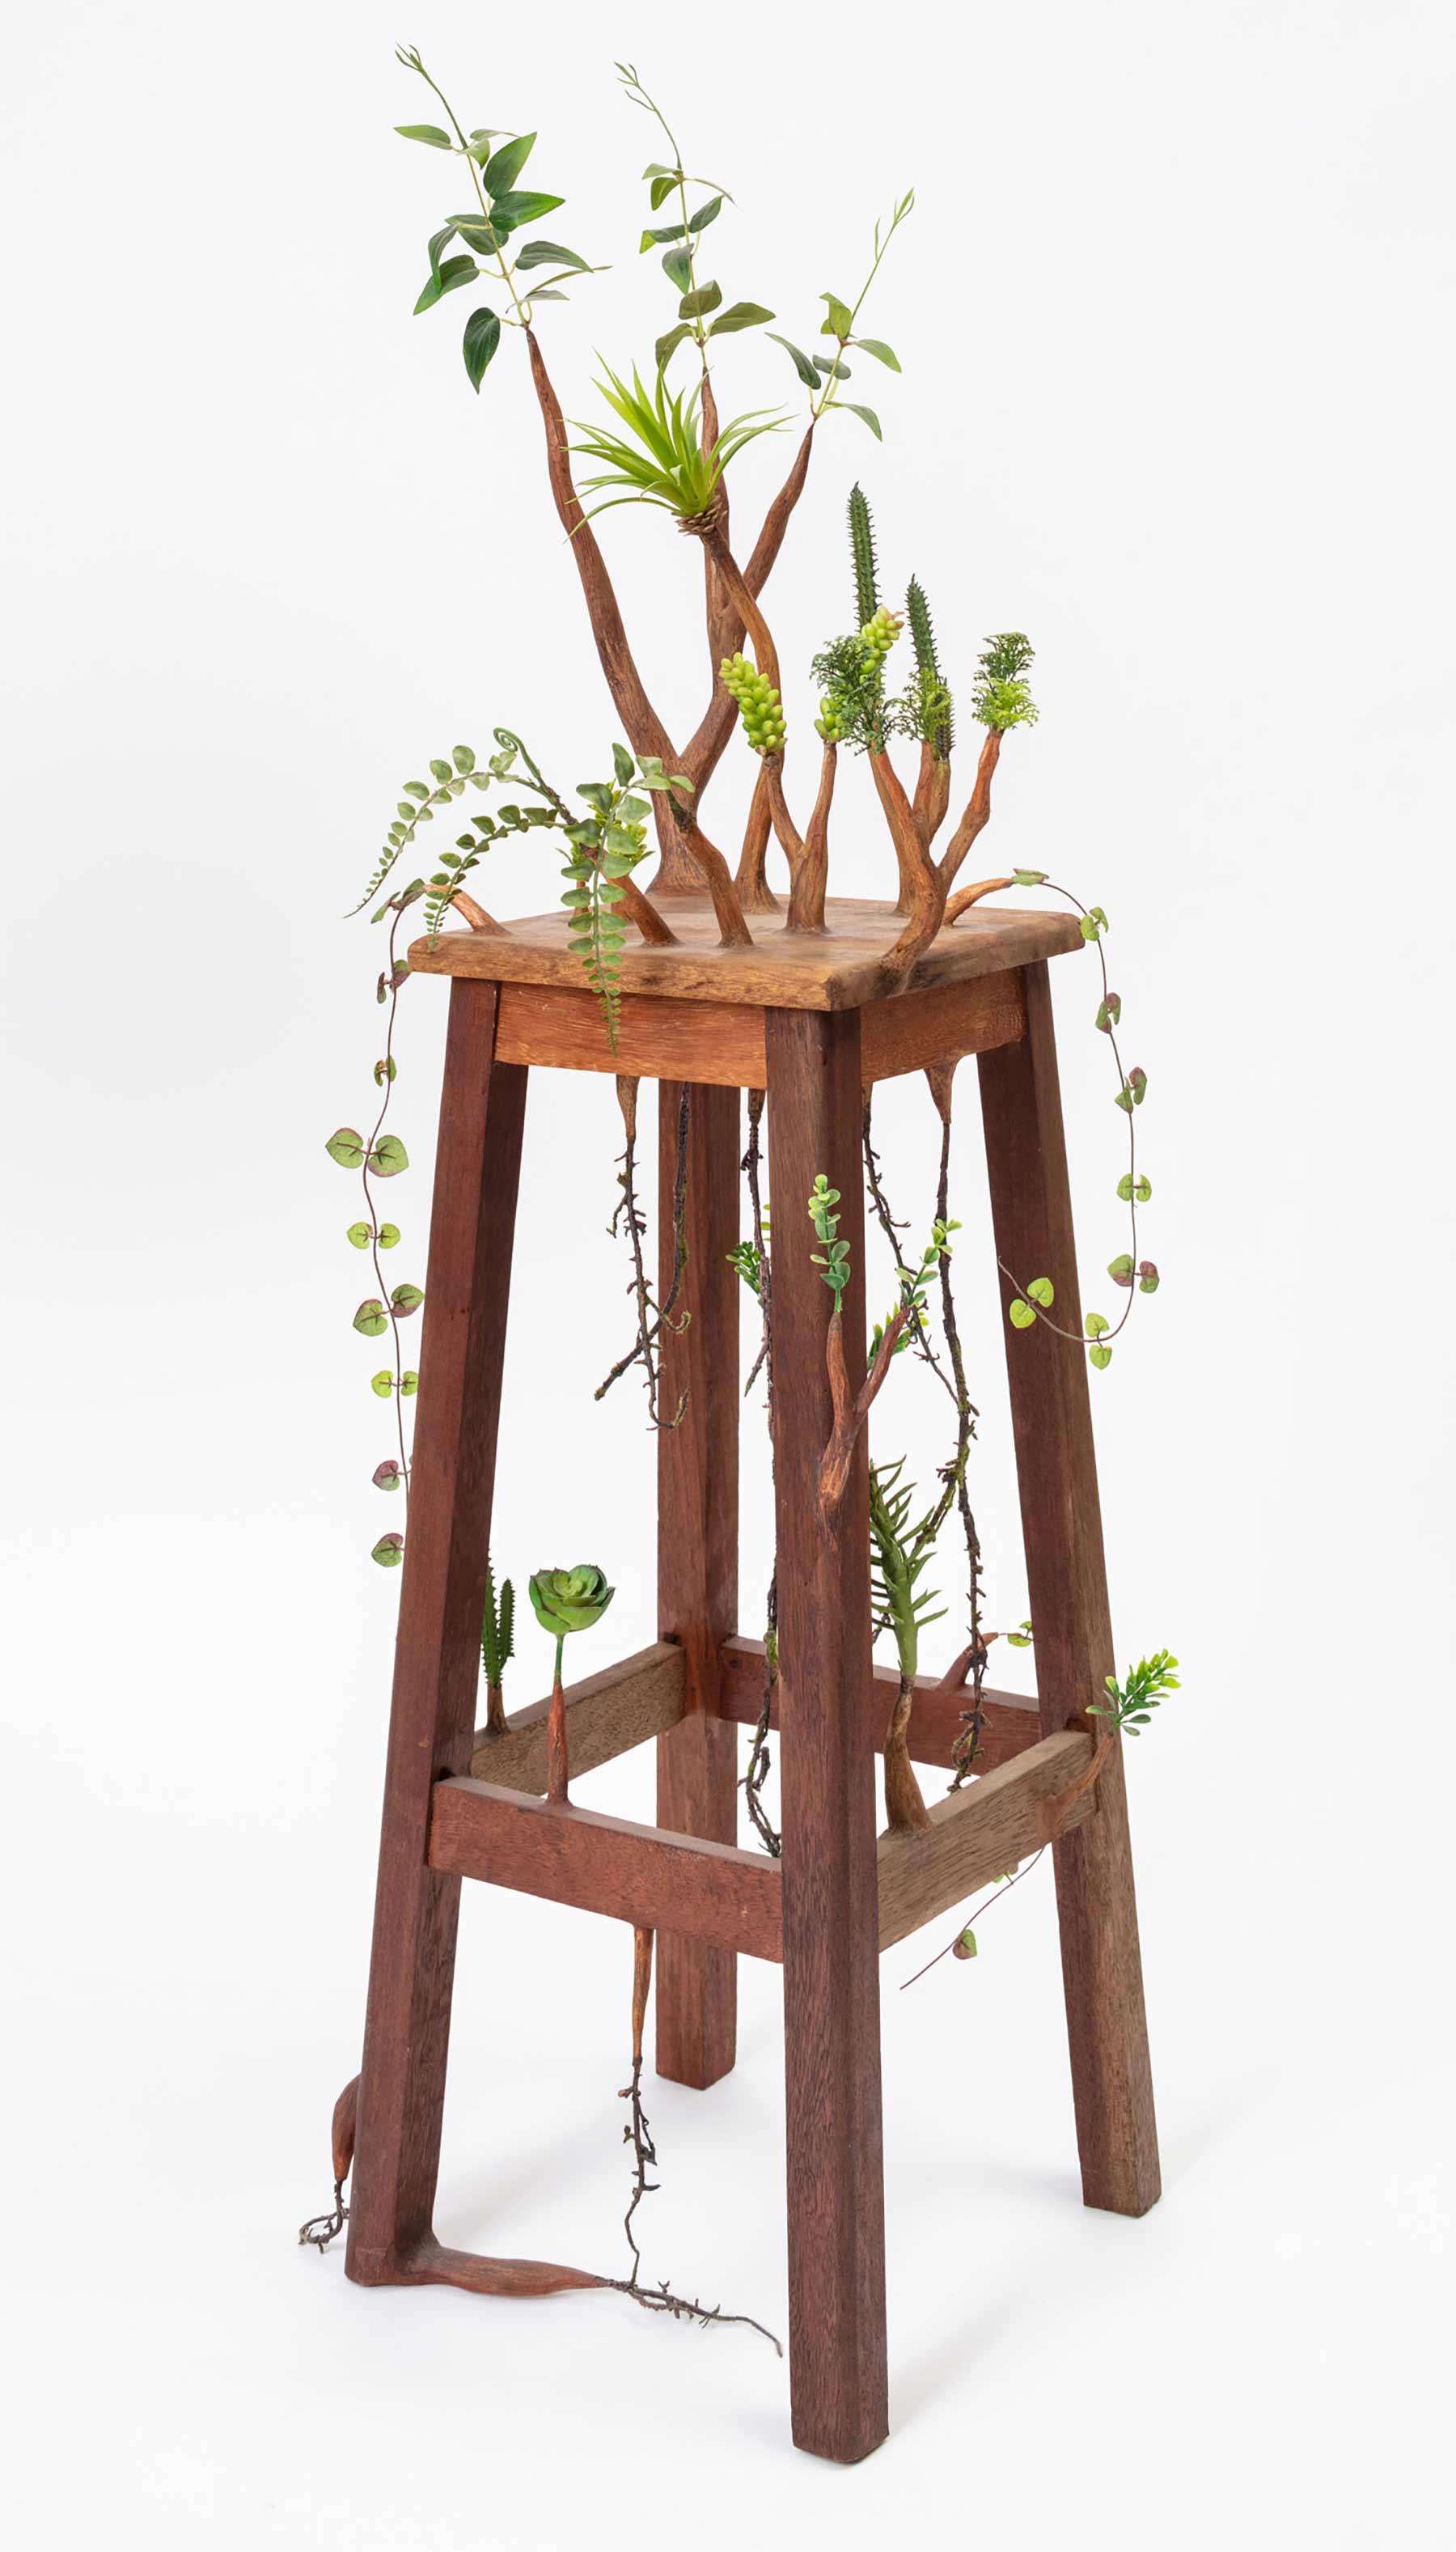 Verpflanzlichte Holzgegenstände von Camille Kachani Camille-Kachani-2021_02